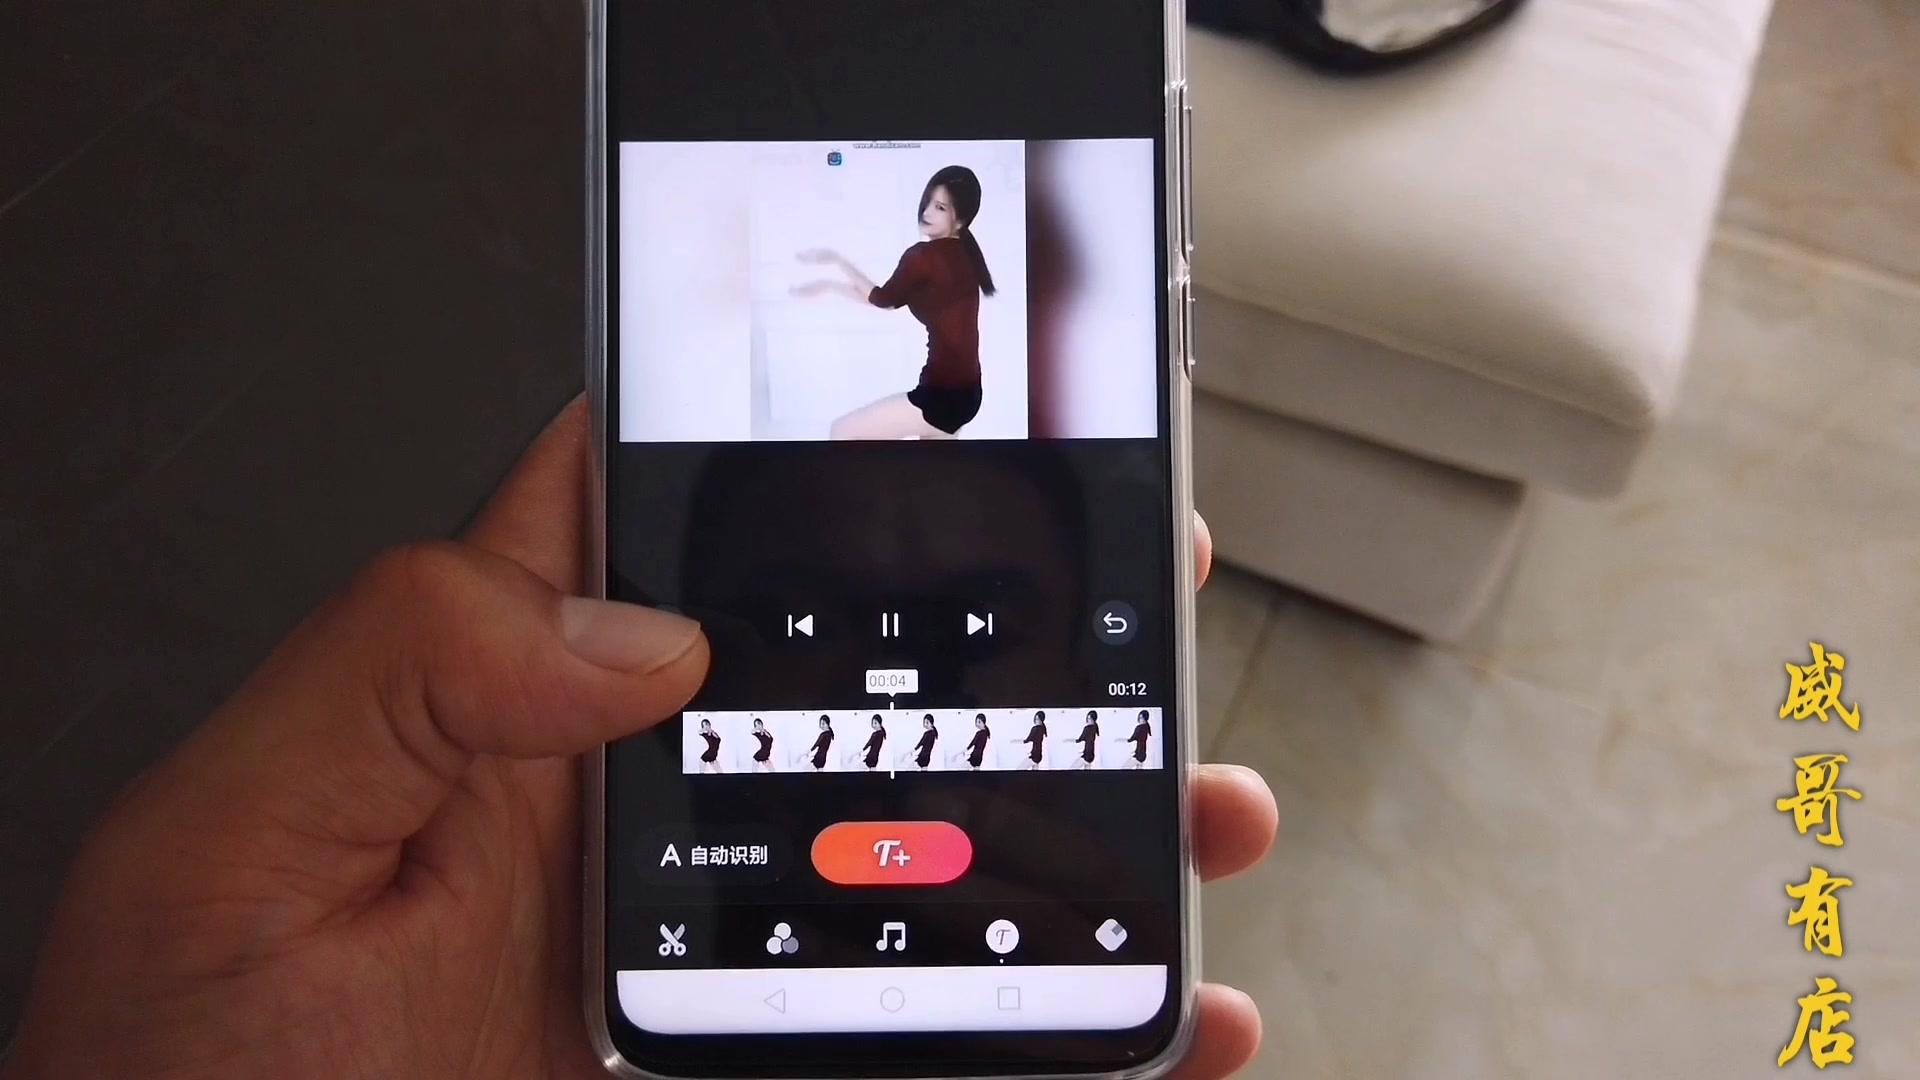 宝宝的视频和照片放在手机太占内存了,删了还舍不得